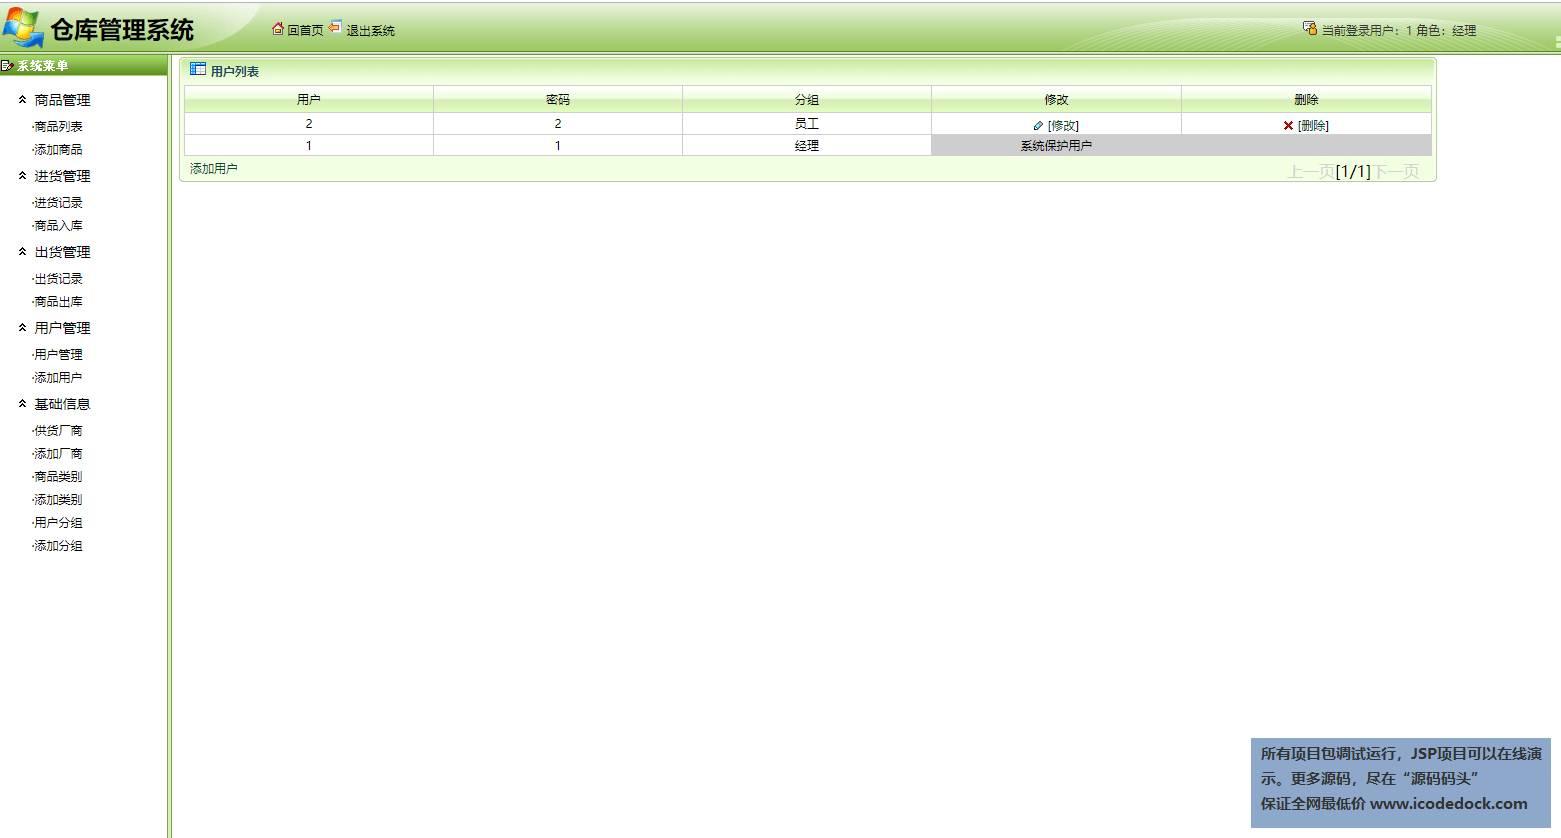 源码码头-SSH仓库管理系统-管理员角色-用户管理